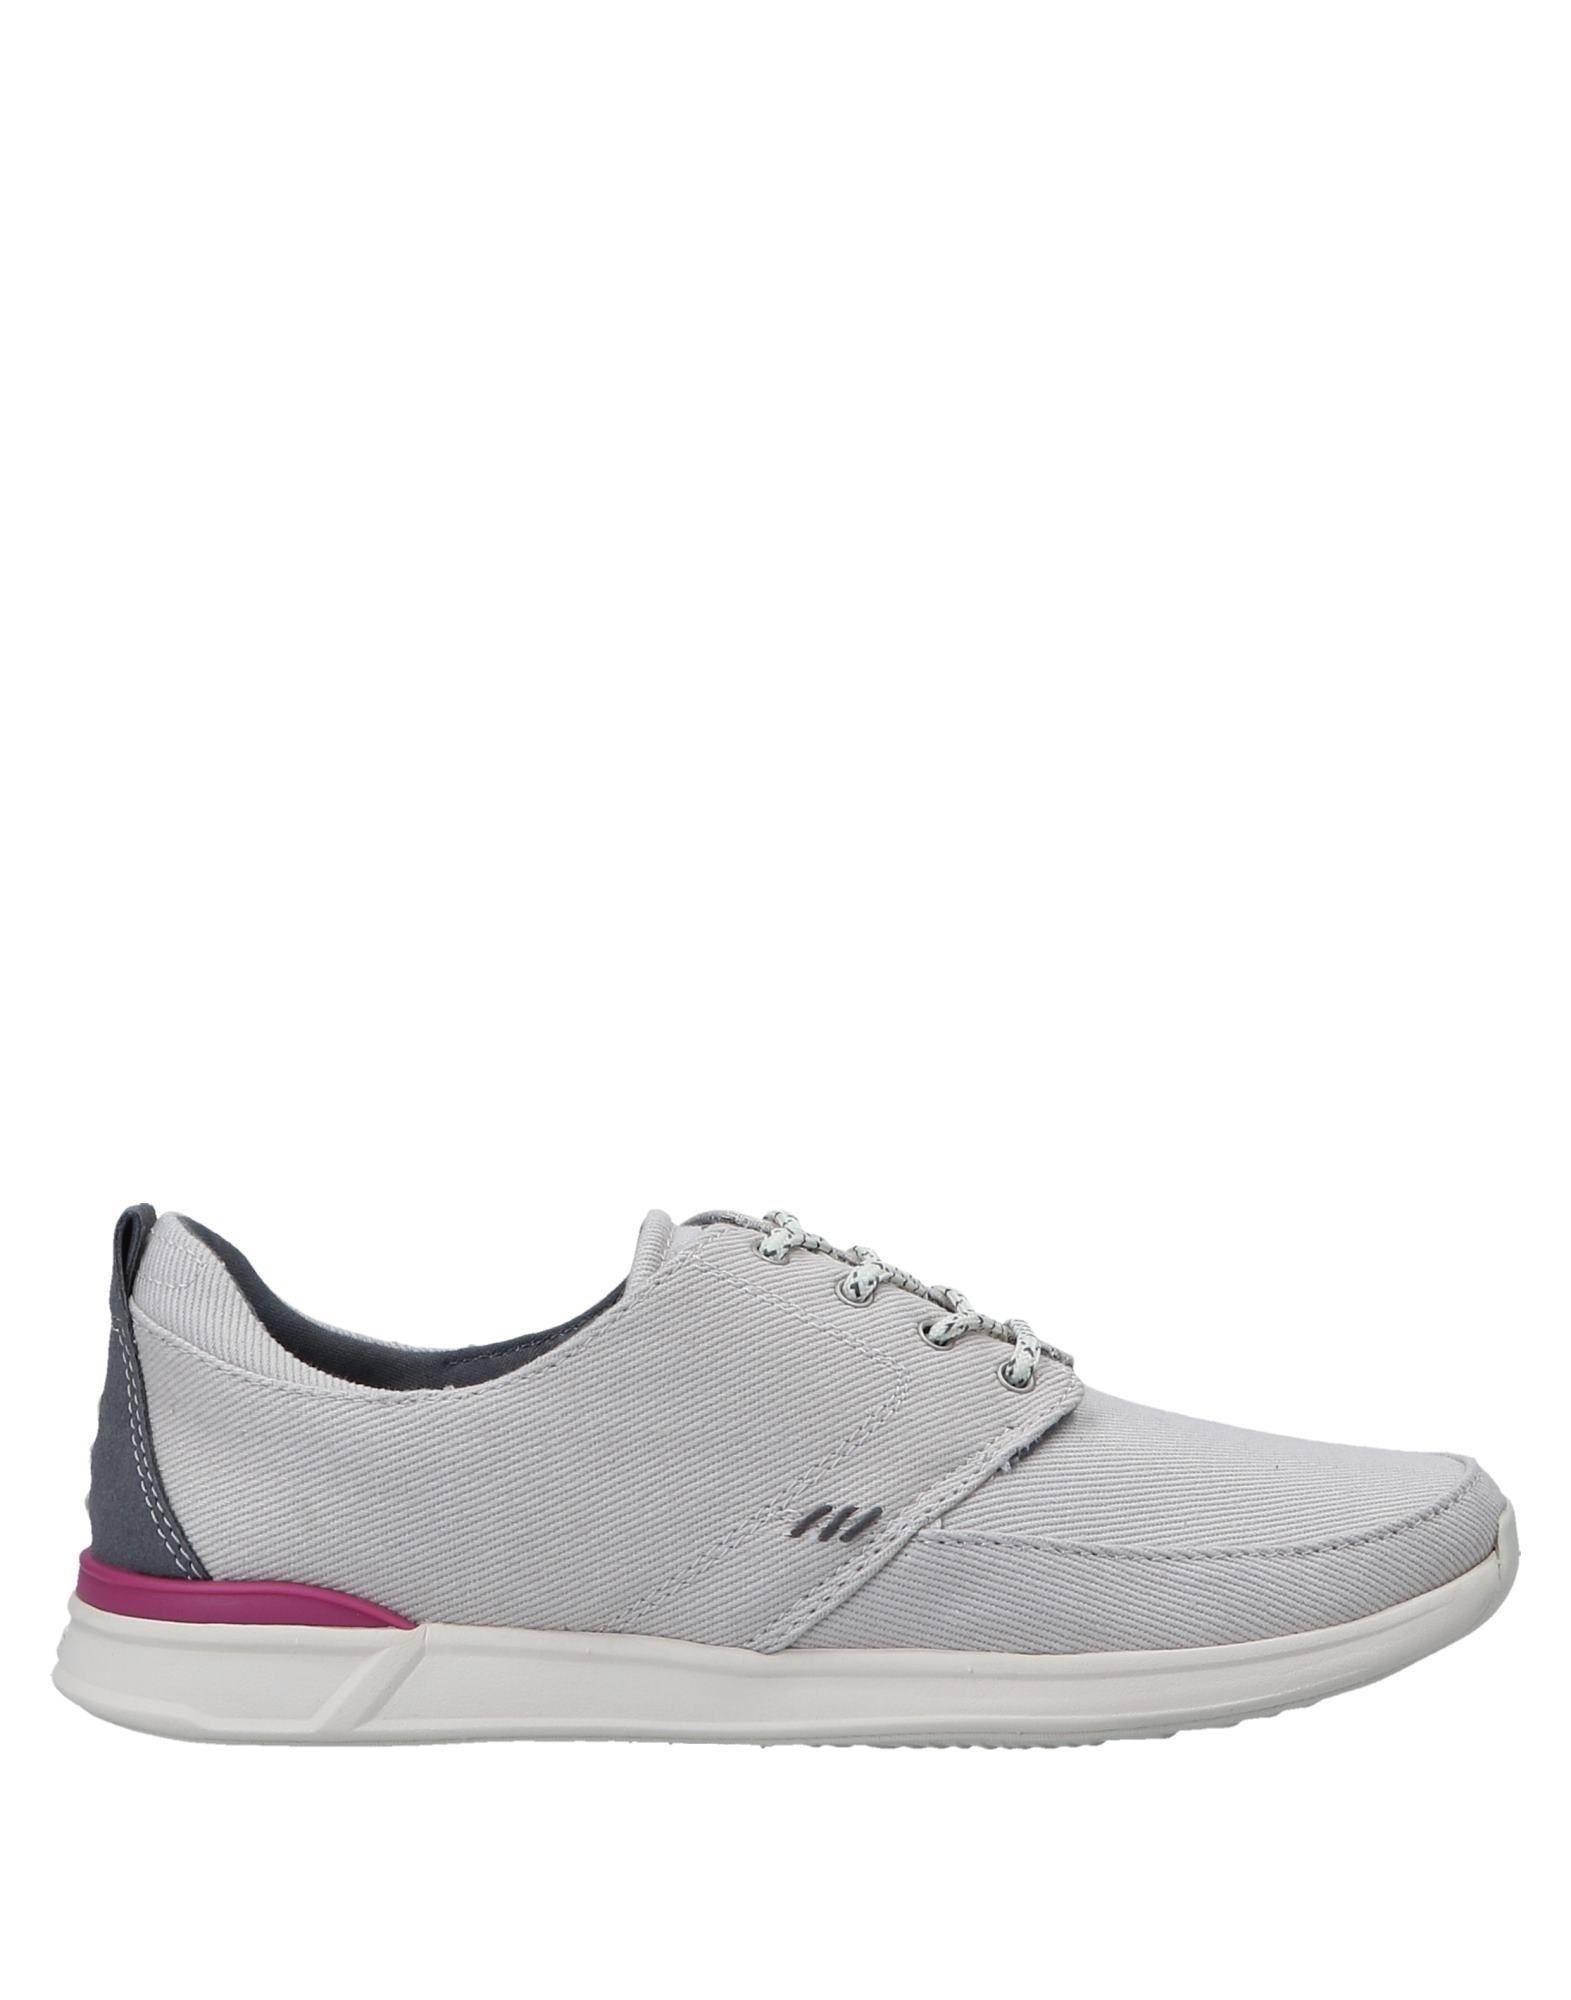 Sneakers Reef Donna - 11557418DU Scarpe economiche e buone